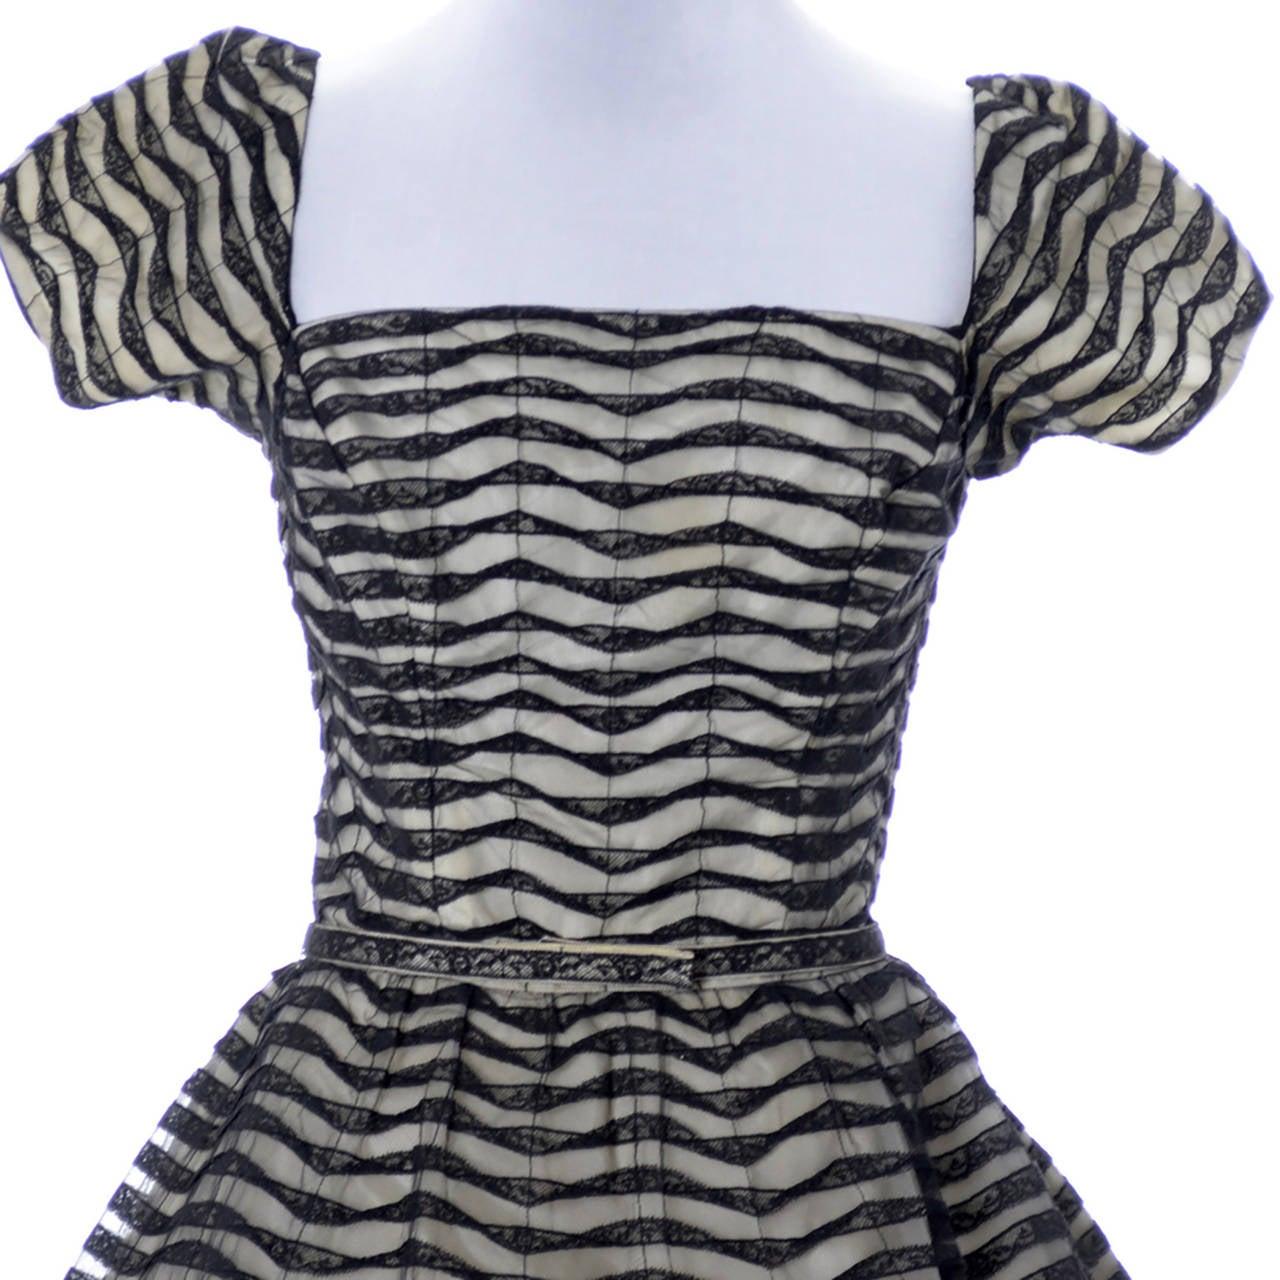 Ceil Chapman 1950s Vintage Dress Lace 50s Party Full Skirt 1950s  2